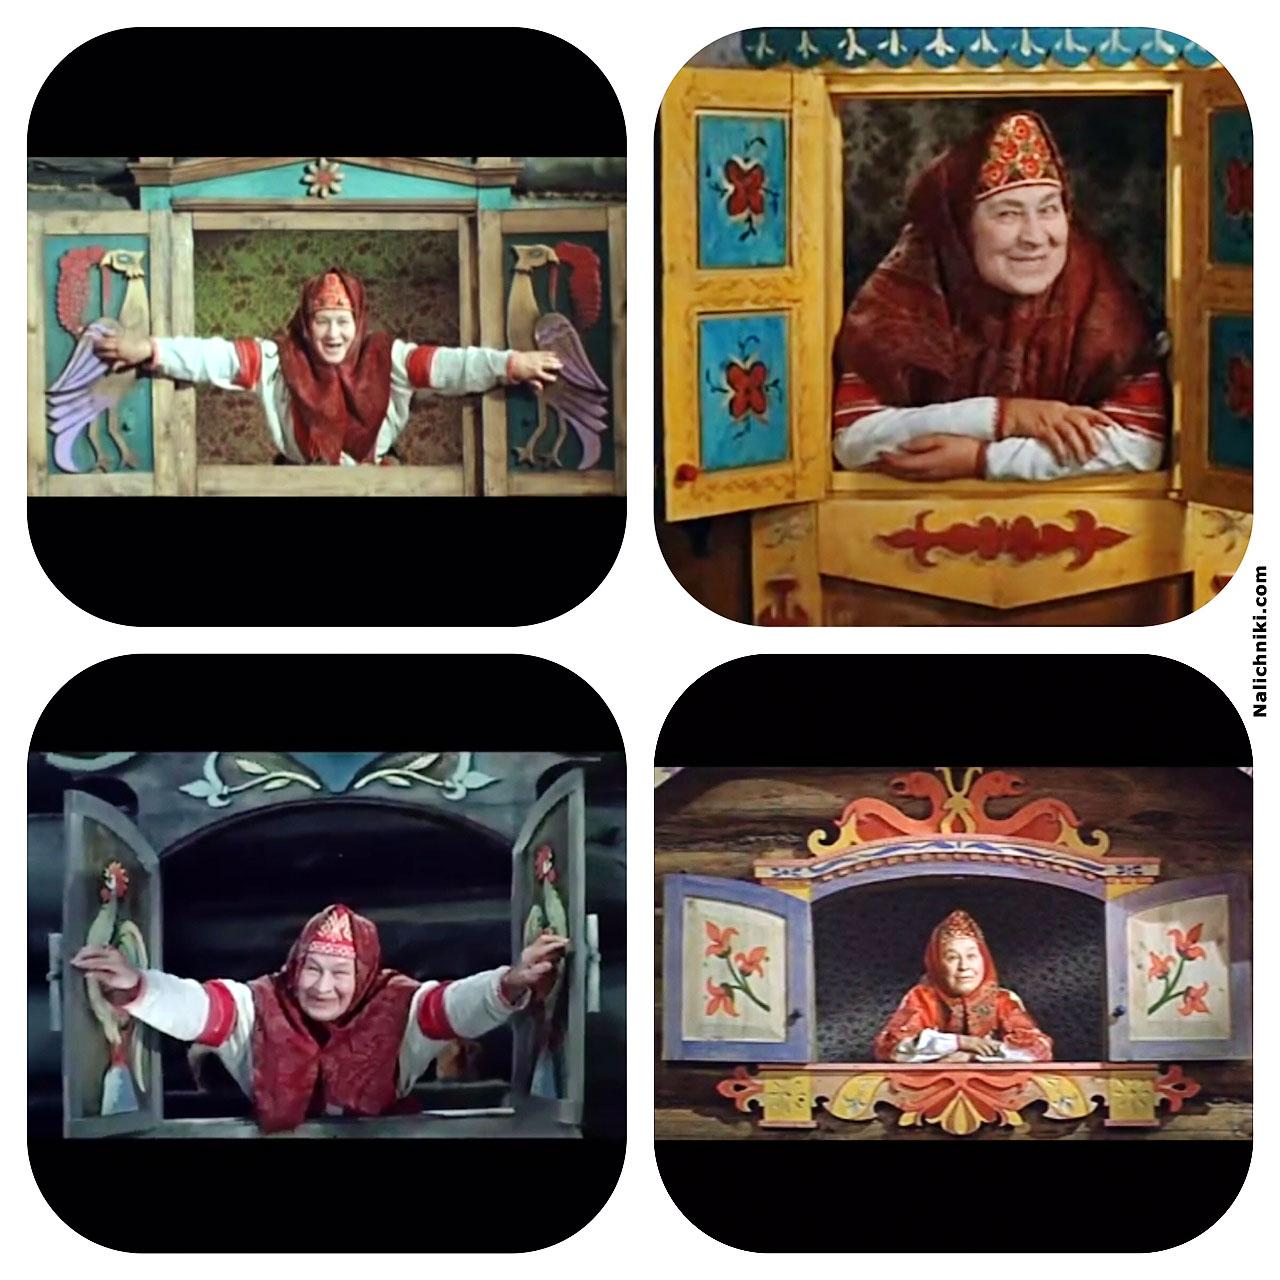 Бабушка в окошках, предваряющая советские фильмы-сказки Александра Роу